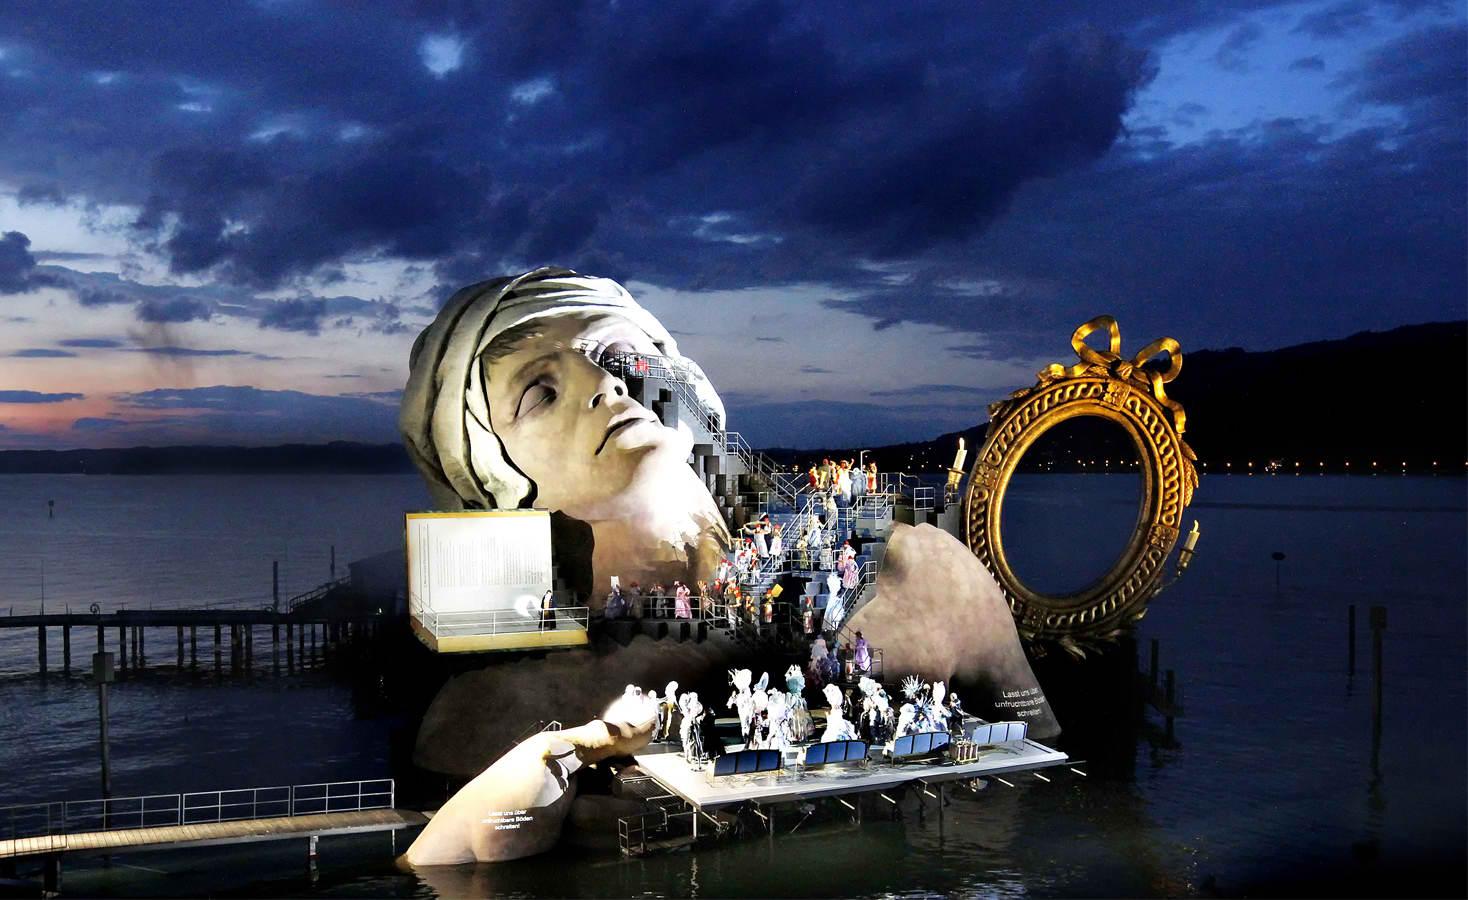 the Bregenzer Festspiele